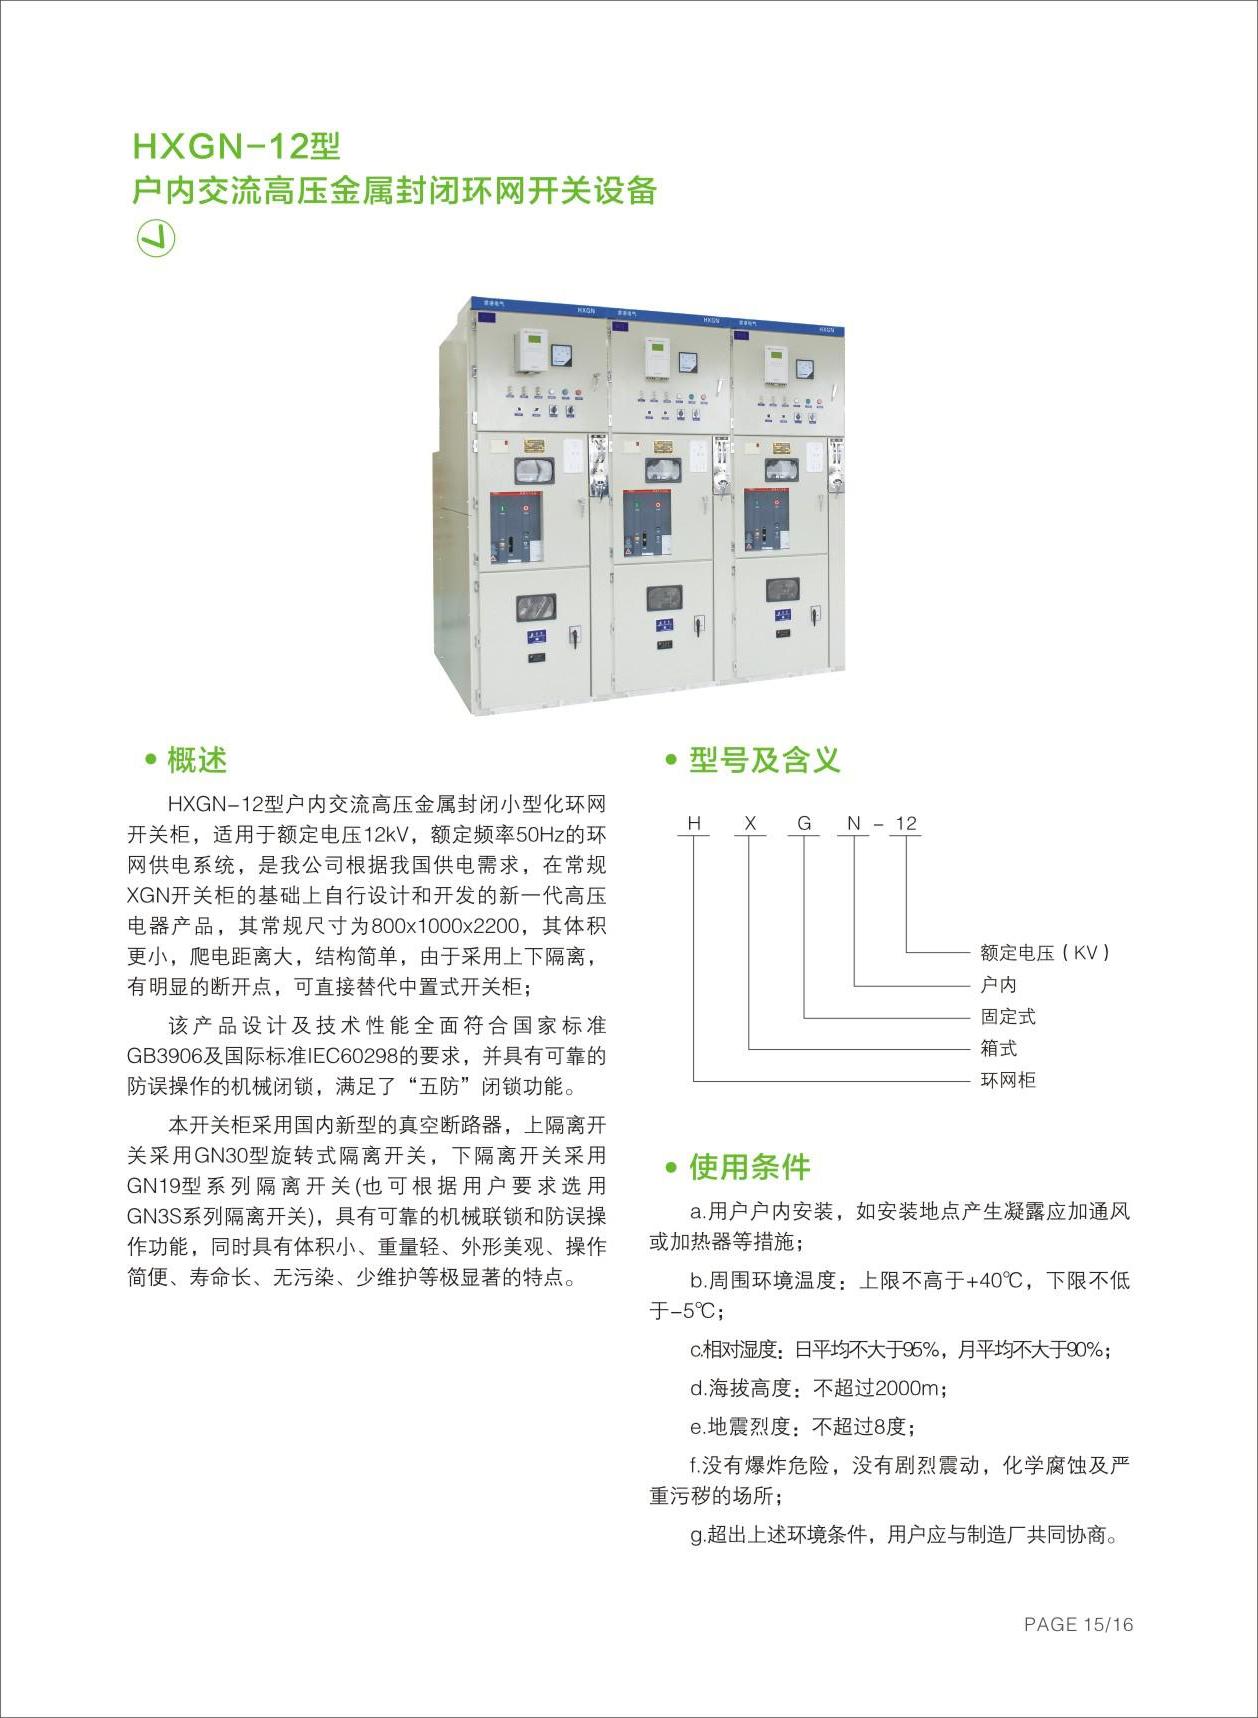 HXGN-12型戶內交流高壓金屬封閉環網開關設備-圖片